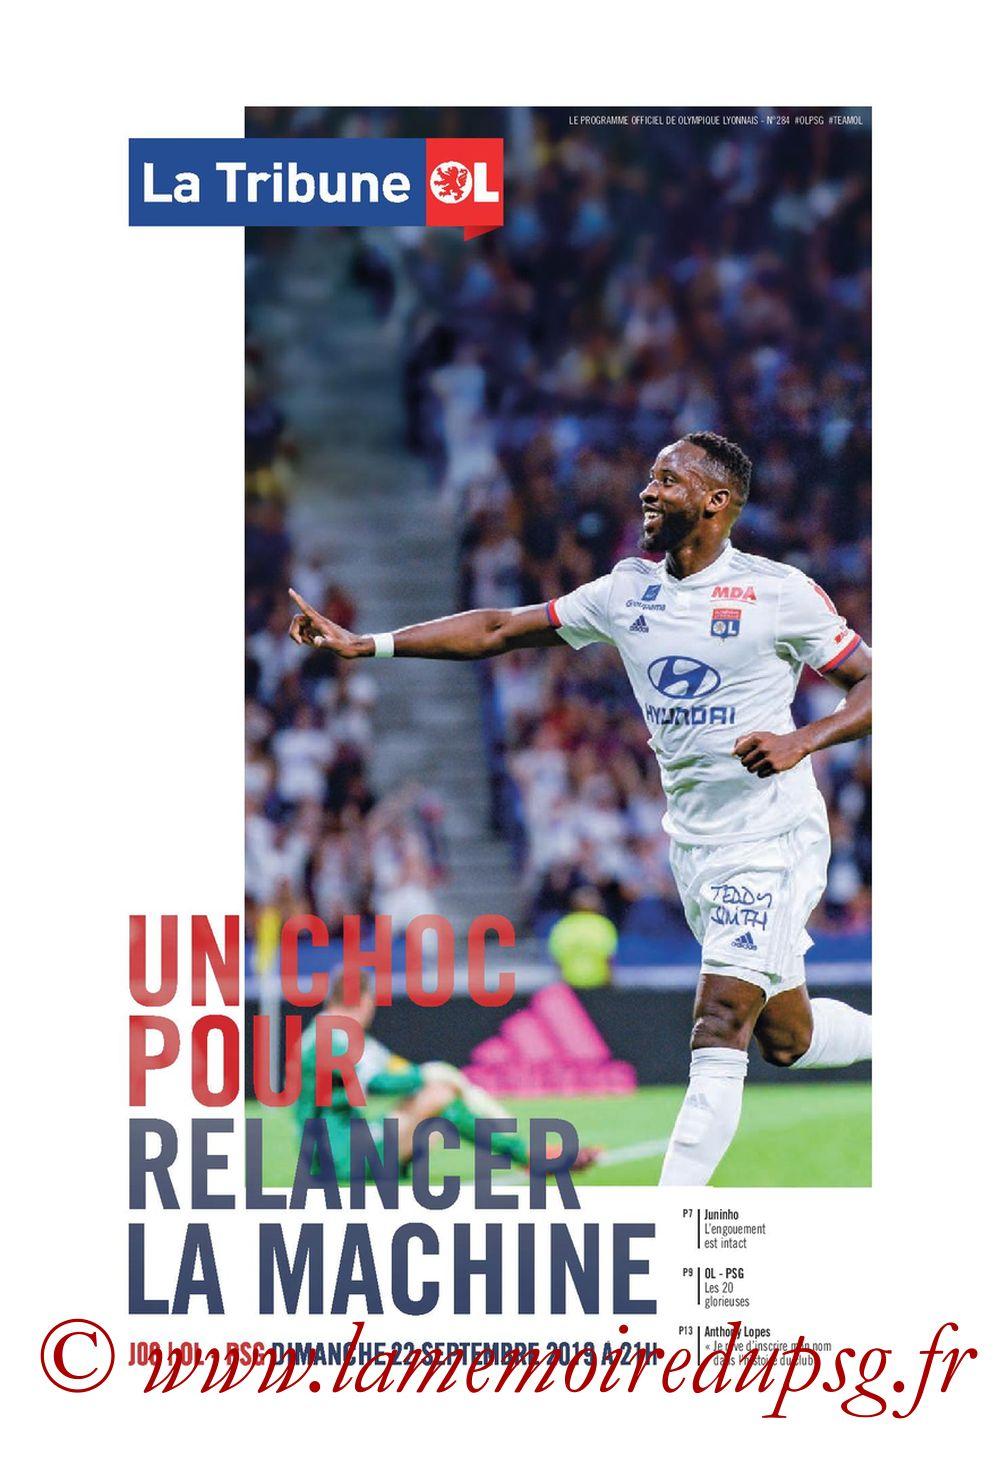 2019-09-22  Lyon-PSG (6ème L1, Tribune OL N°284)